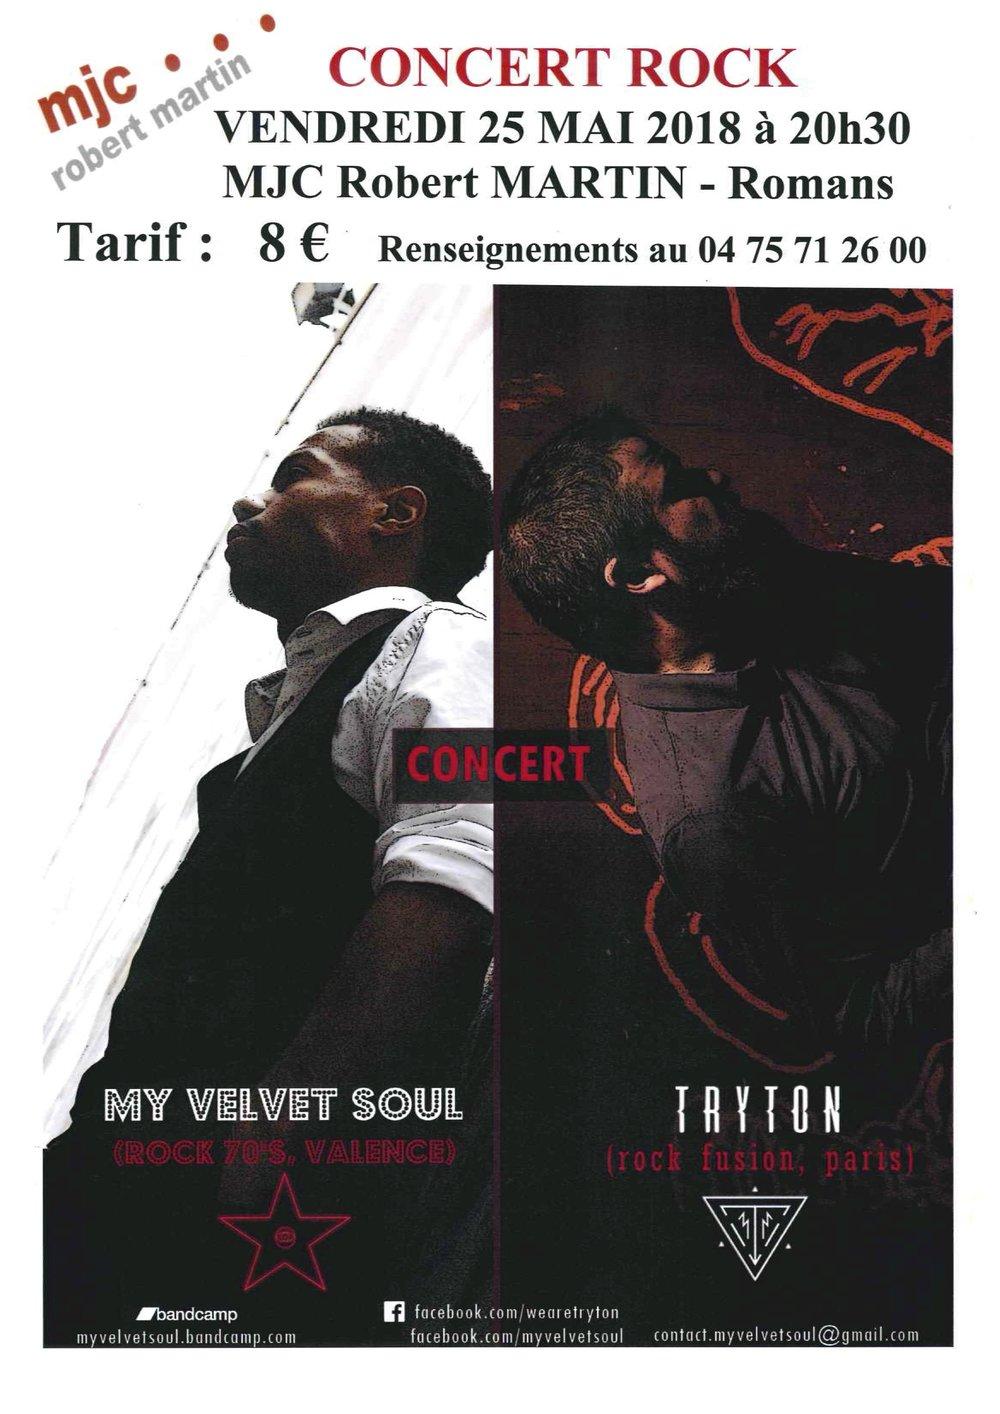 Affiche concert My Velvet Soul & Tryton du 25 mai 2015.jpg